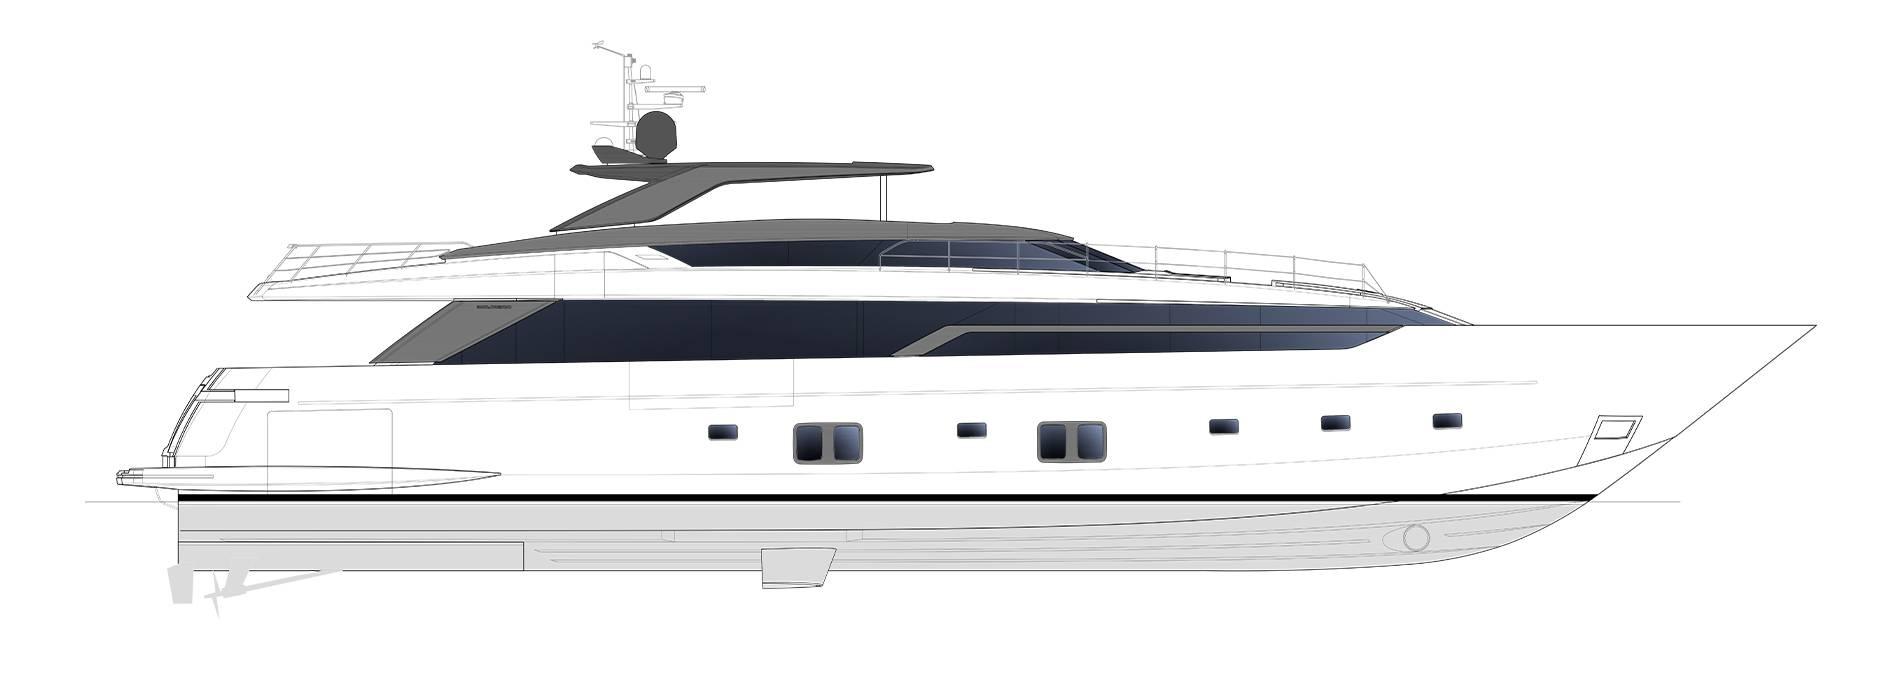 Sanlorenzo Yachts SL120 Asymmetric Perfil